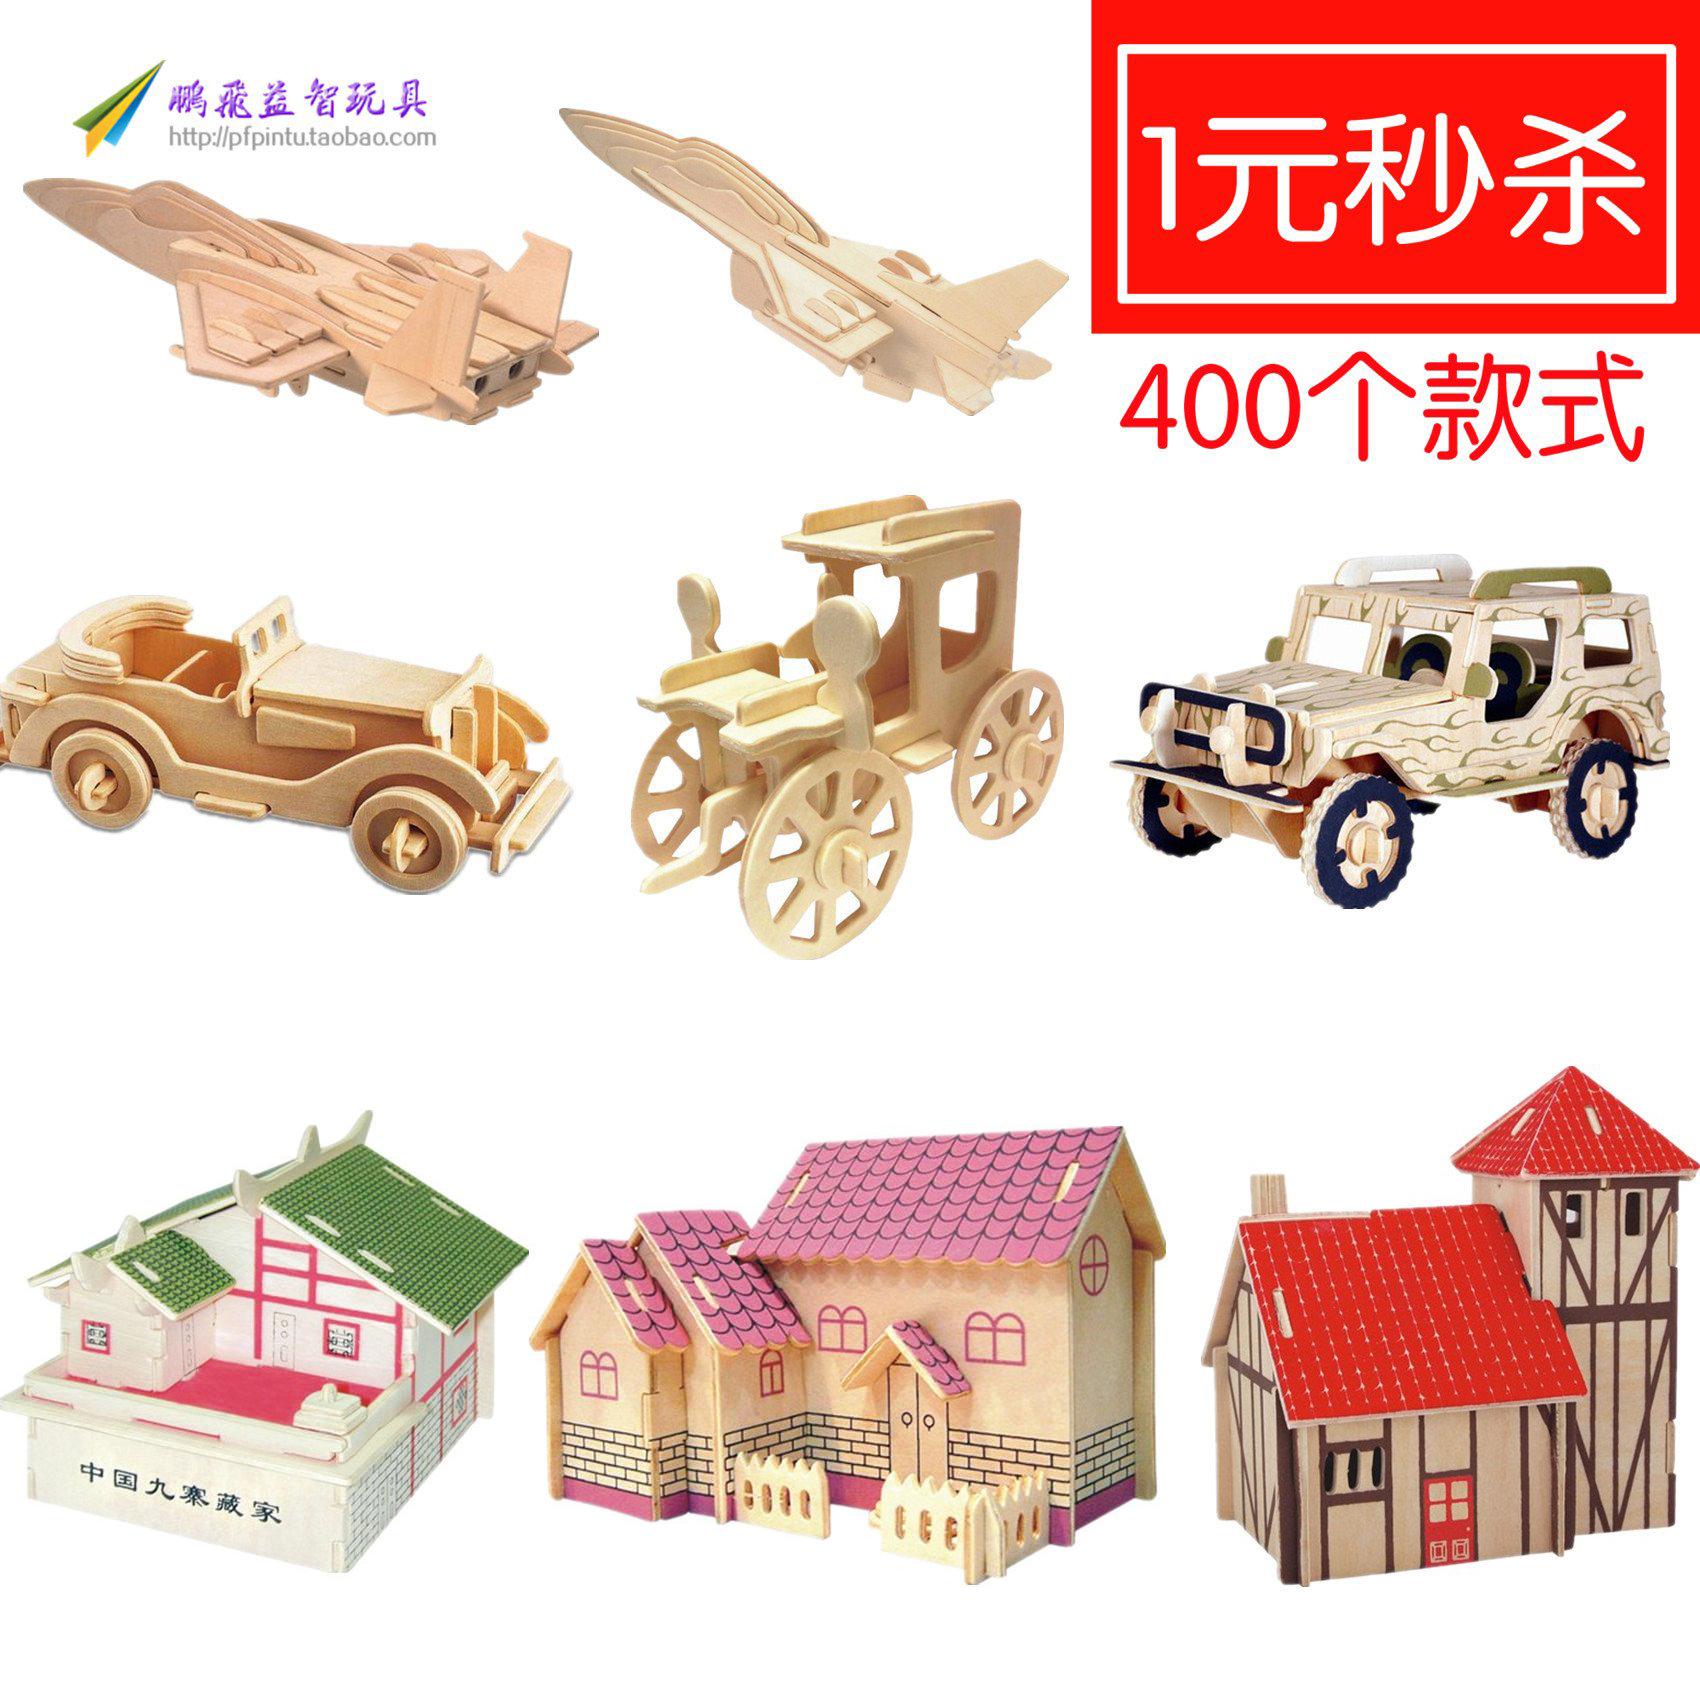 3d木质立体拼图木制建筑小屋拼装模型儿童益智玩具10-12岁男孩